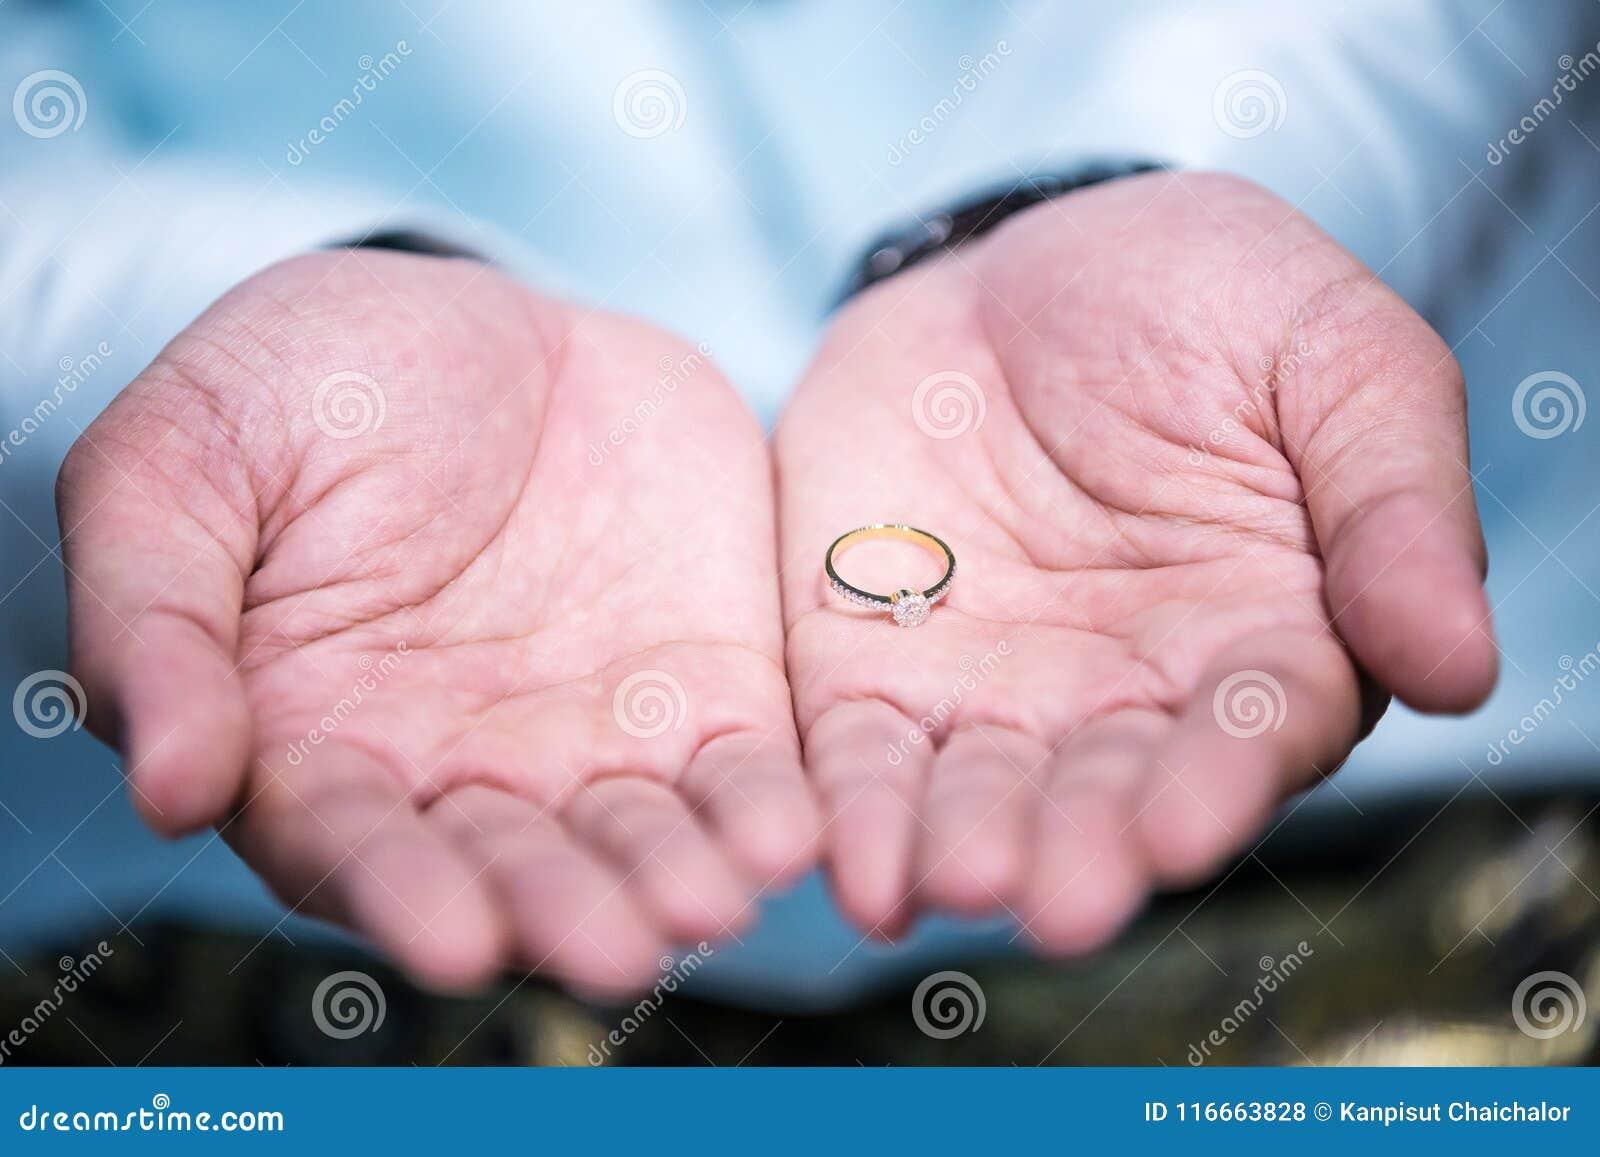 Diamond Ring, Wedding Ring, Wedding Ring Bride Price. Wedding ...